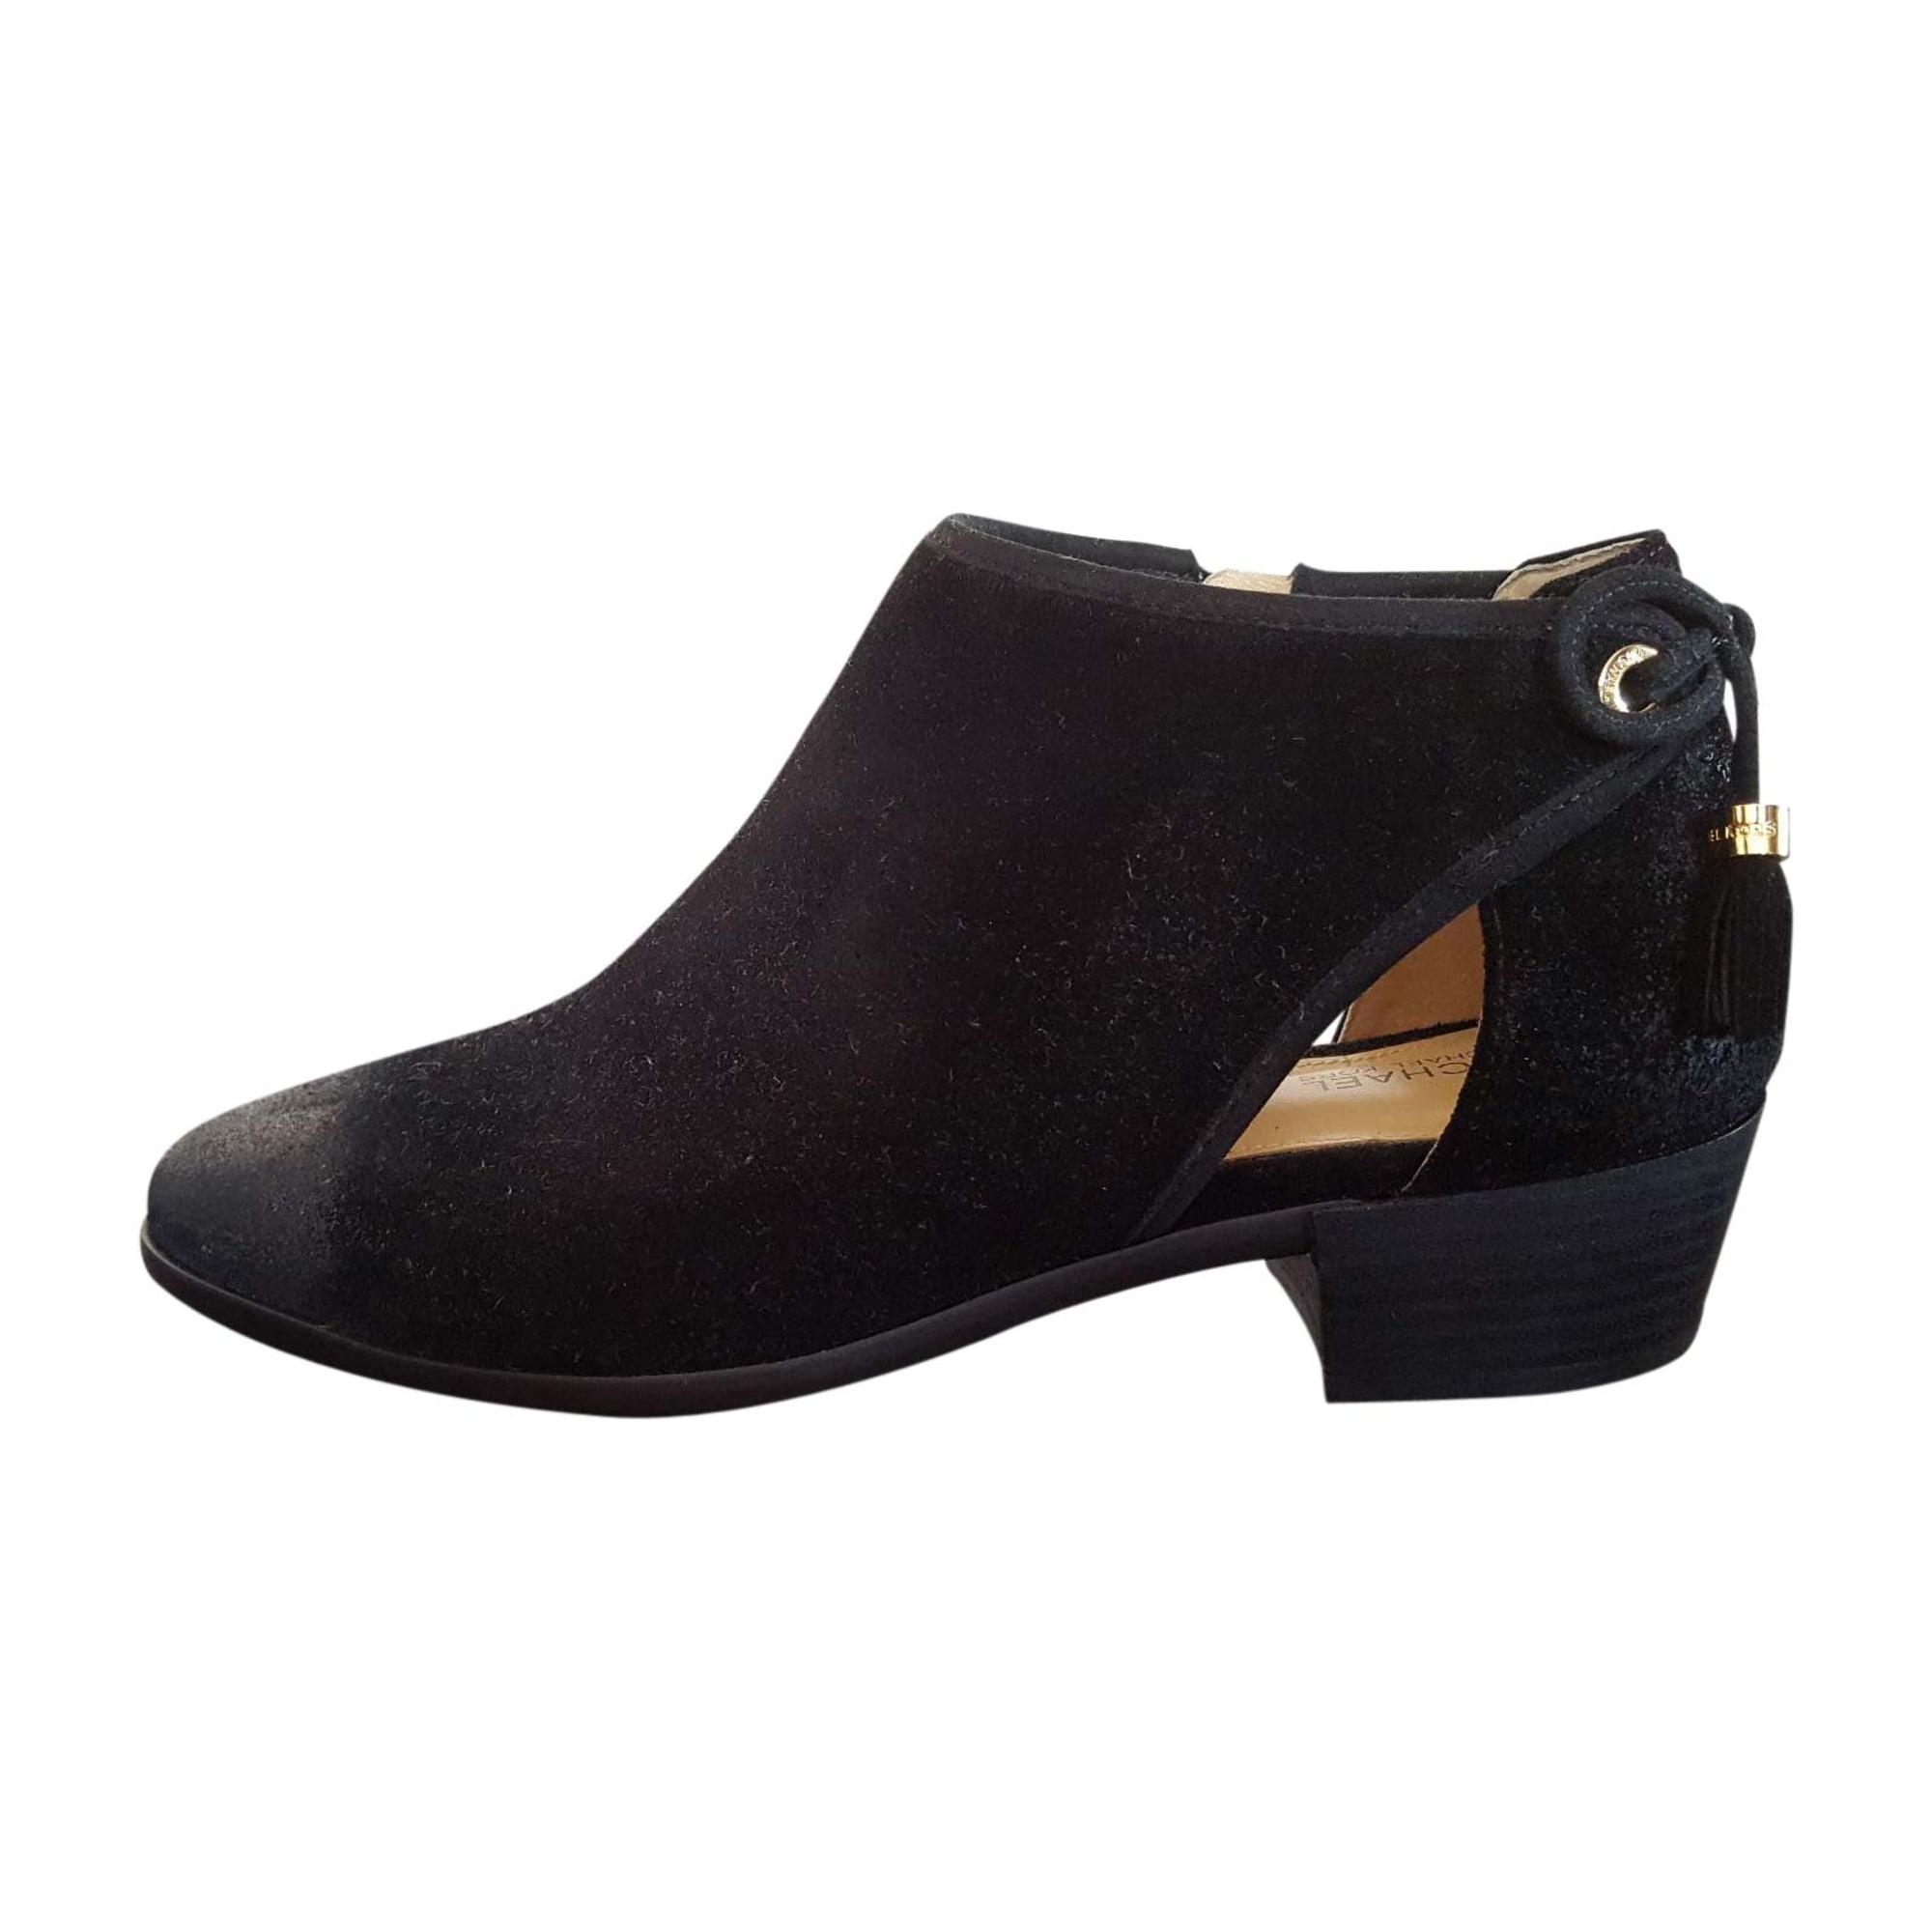 Bottines & low boots plates MICHAEL KORS Noir